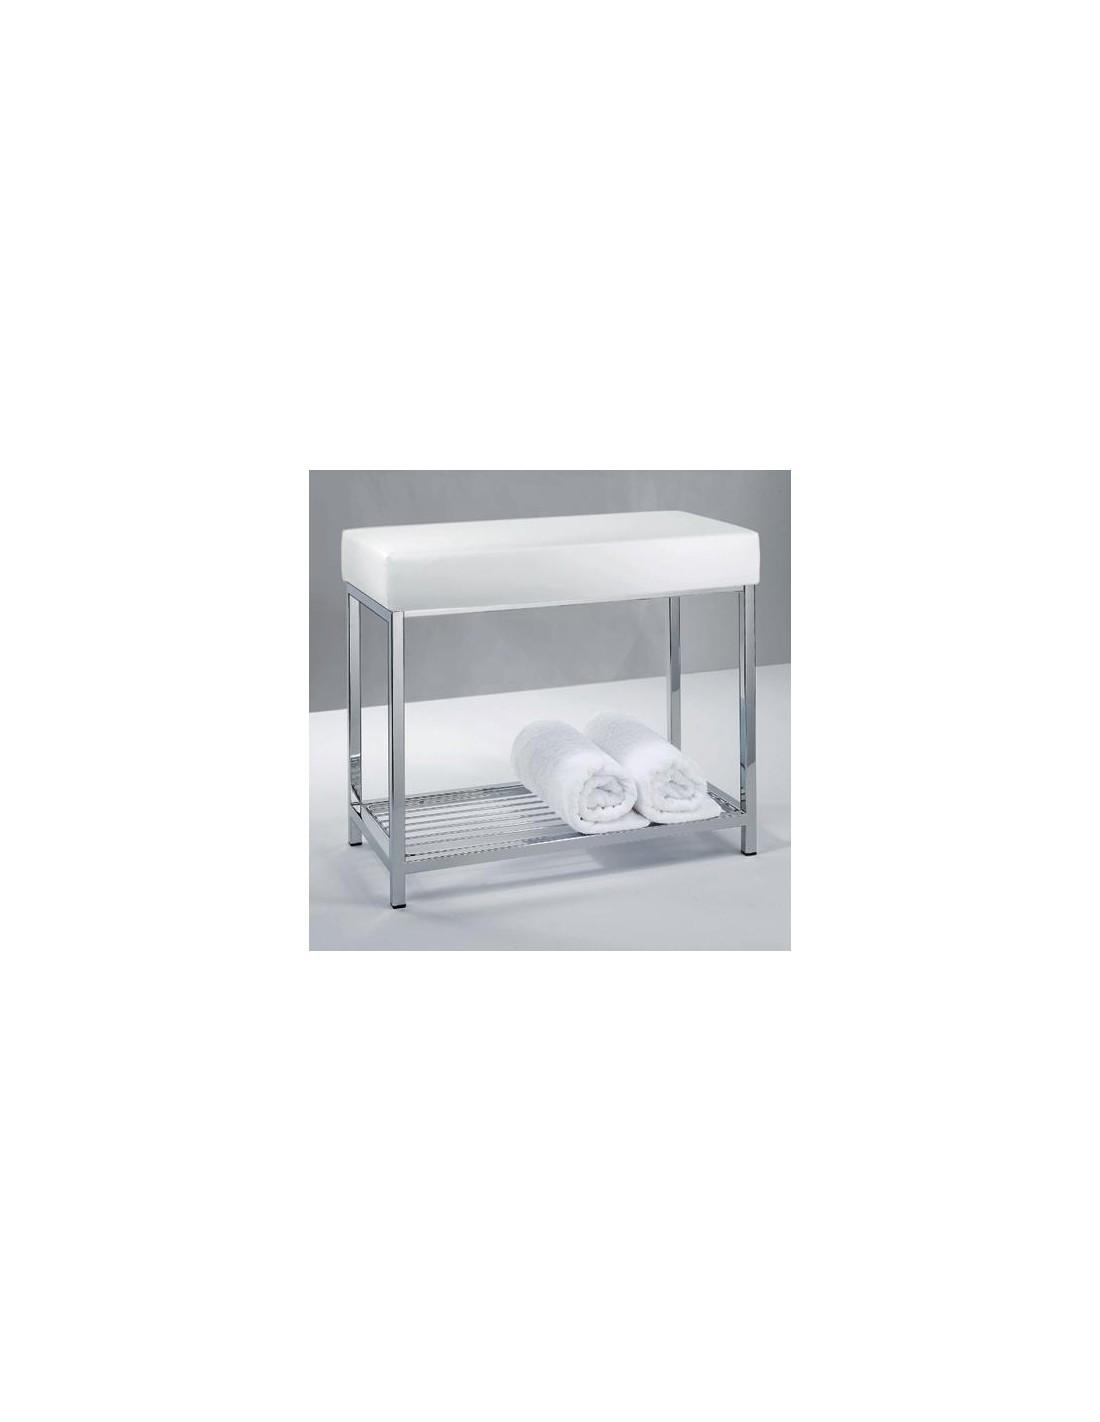 Banc avec étagère cuir synthétique blanc Decor Walter